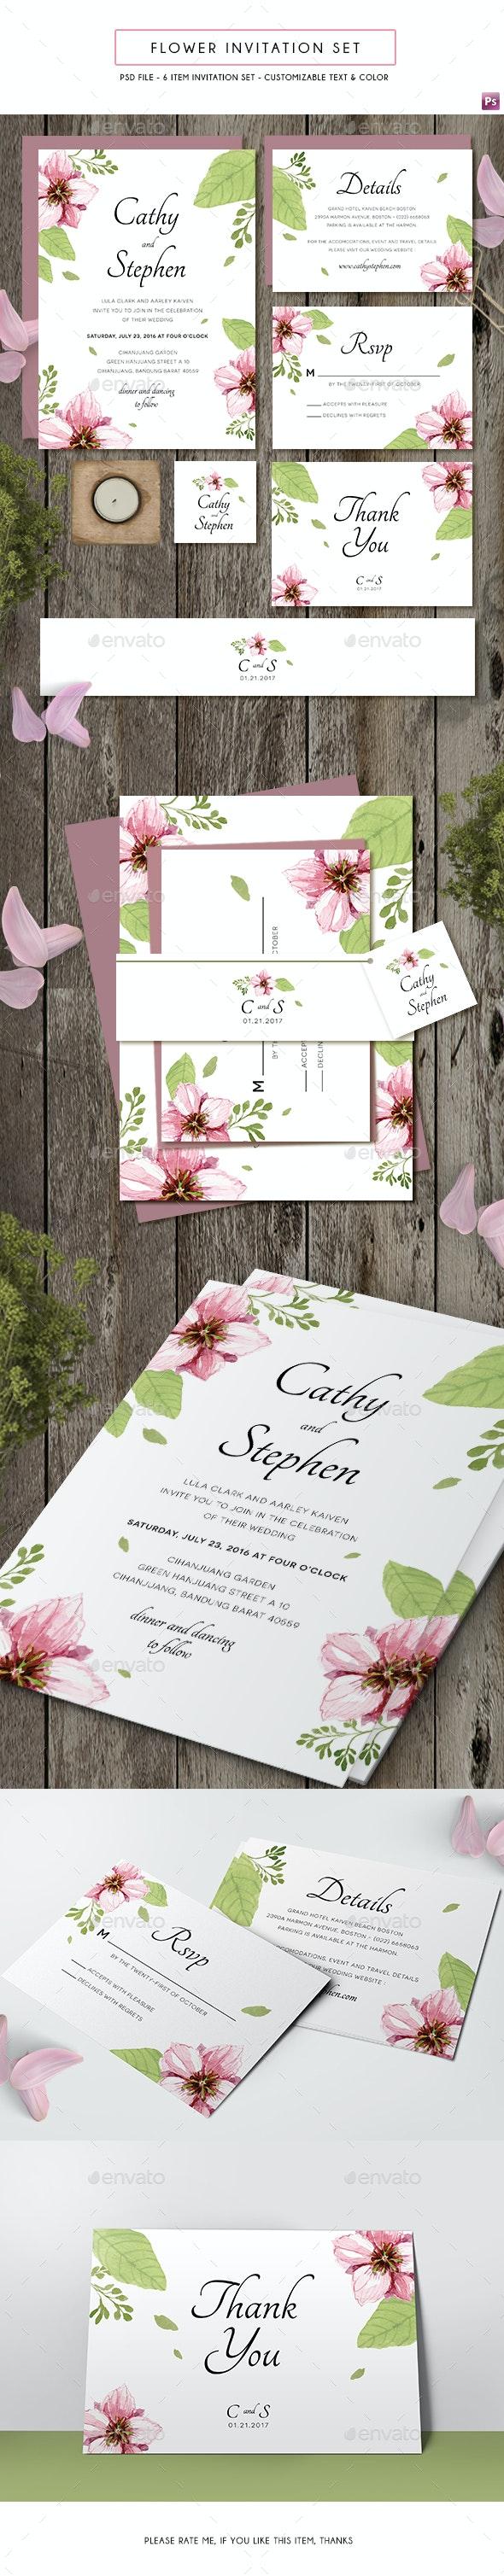 Flower Invitation - Weddings Cards & Invites